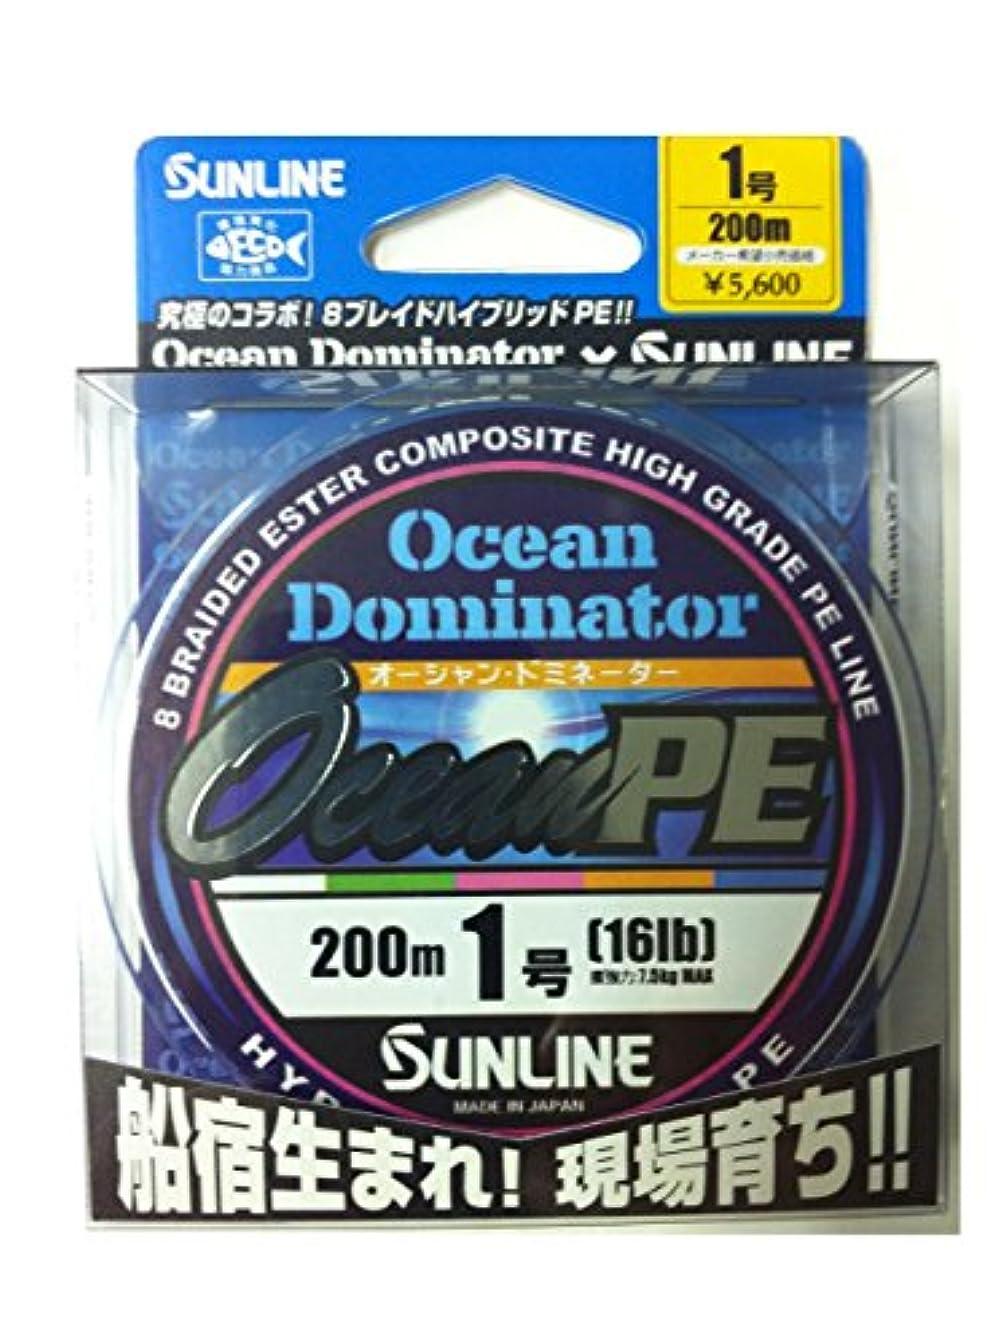 補助座標賞サンライン(SUNLINE) PEライン オーシャン 200m 1号 16lb